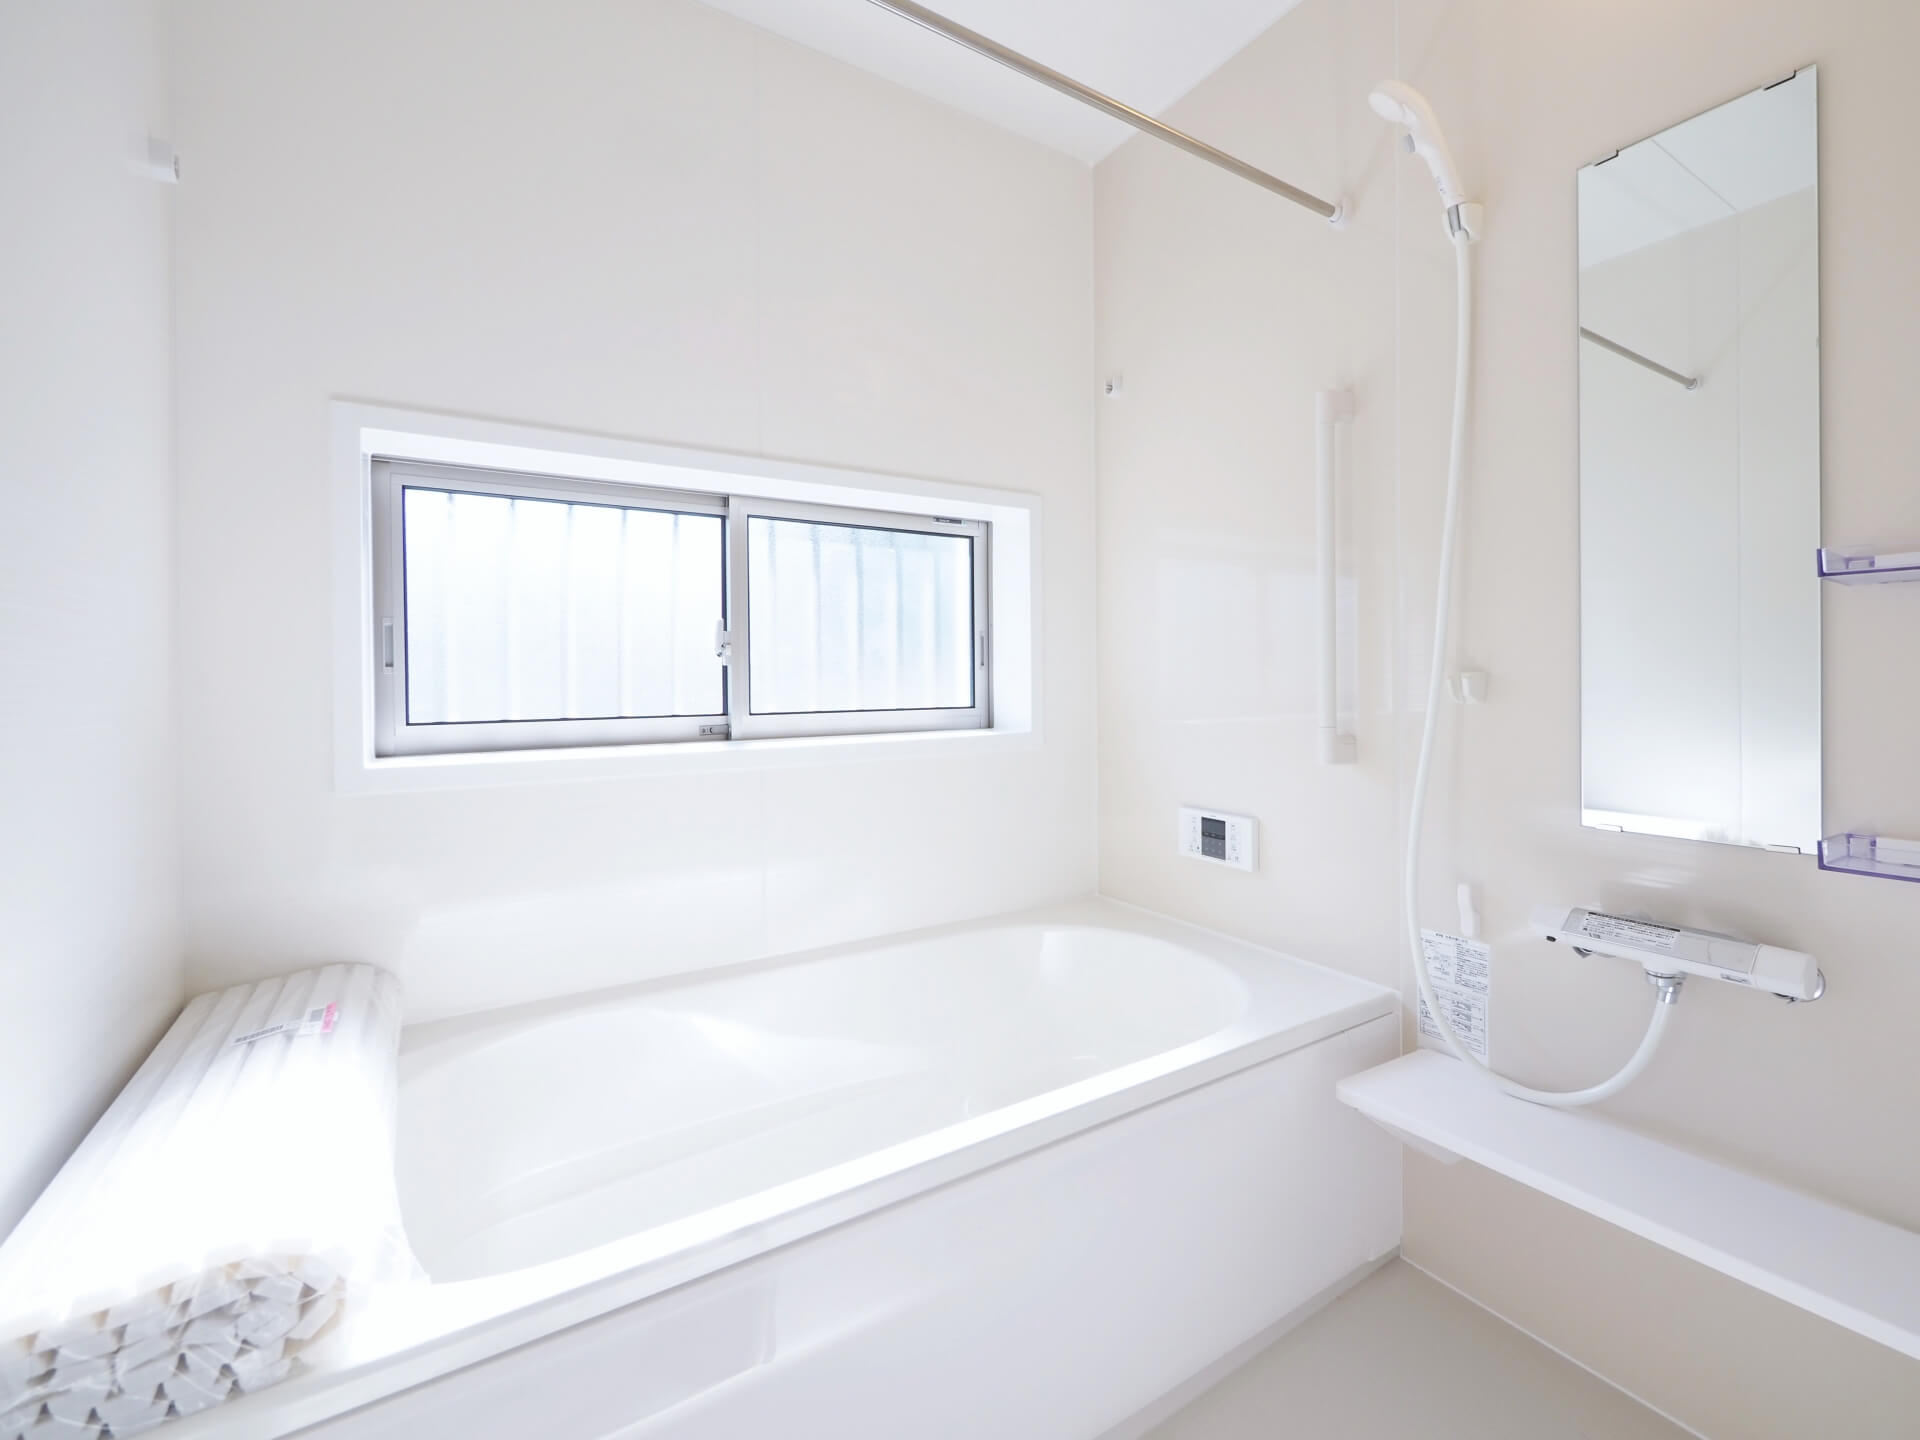 お風呂の水漏れ原因を箇所別に解説